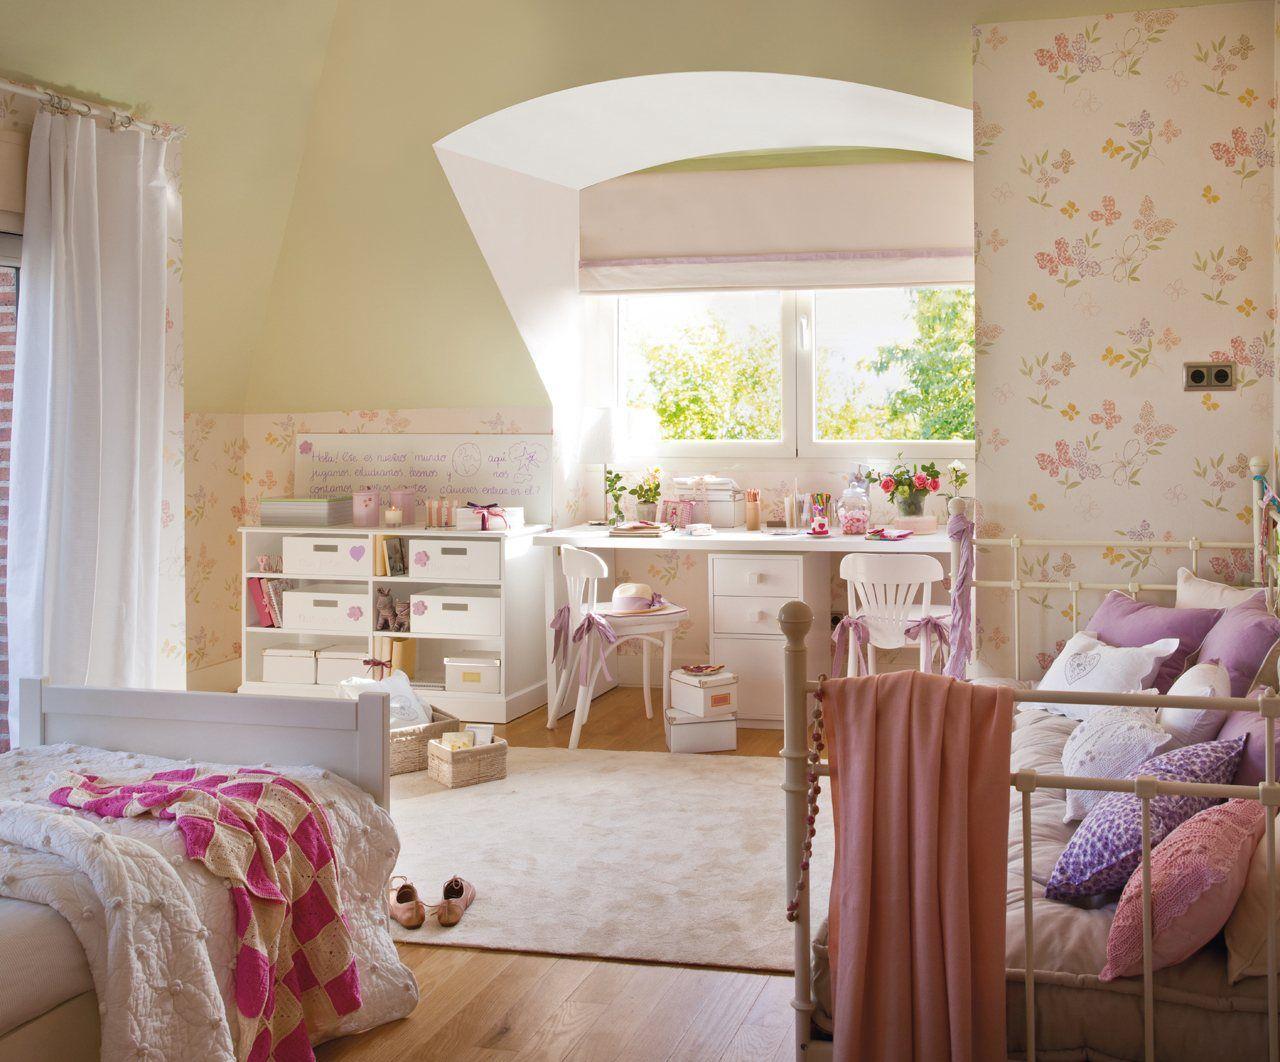 10 cuartos de ni os renovados por el mueble elmueble for Habitaciones ninos el mueble